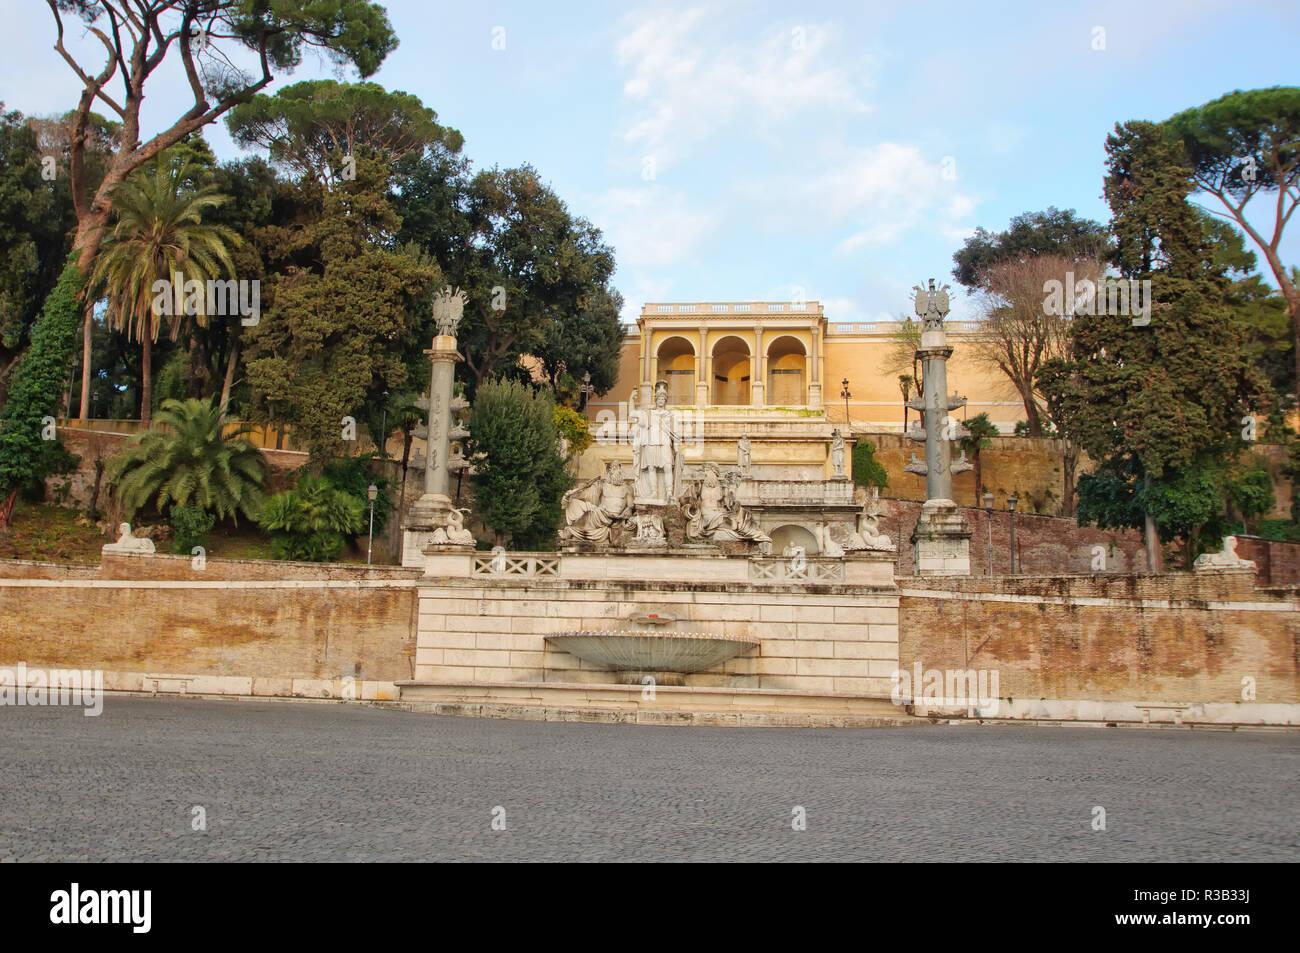 Piazza del Popolo con la Fontana della Dea Roma (Fontana della Dea Roma), Roma, Italia Immagini Stock